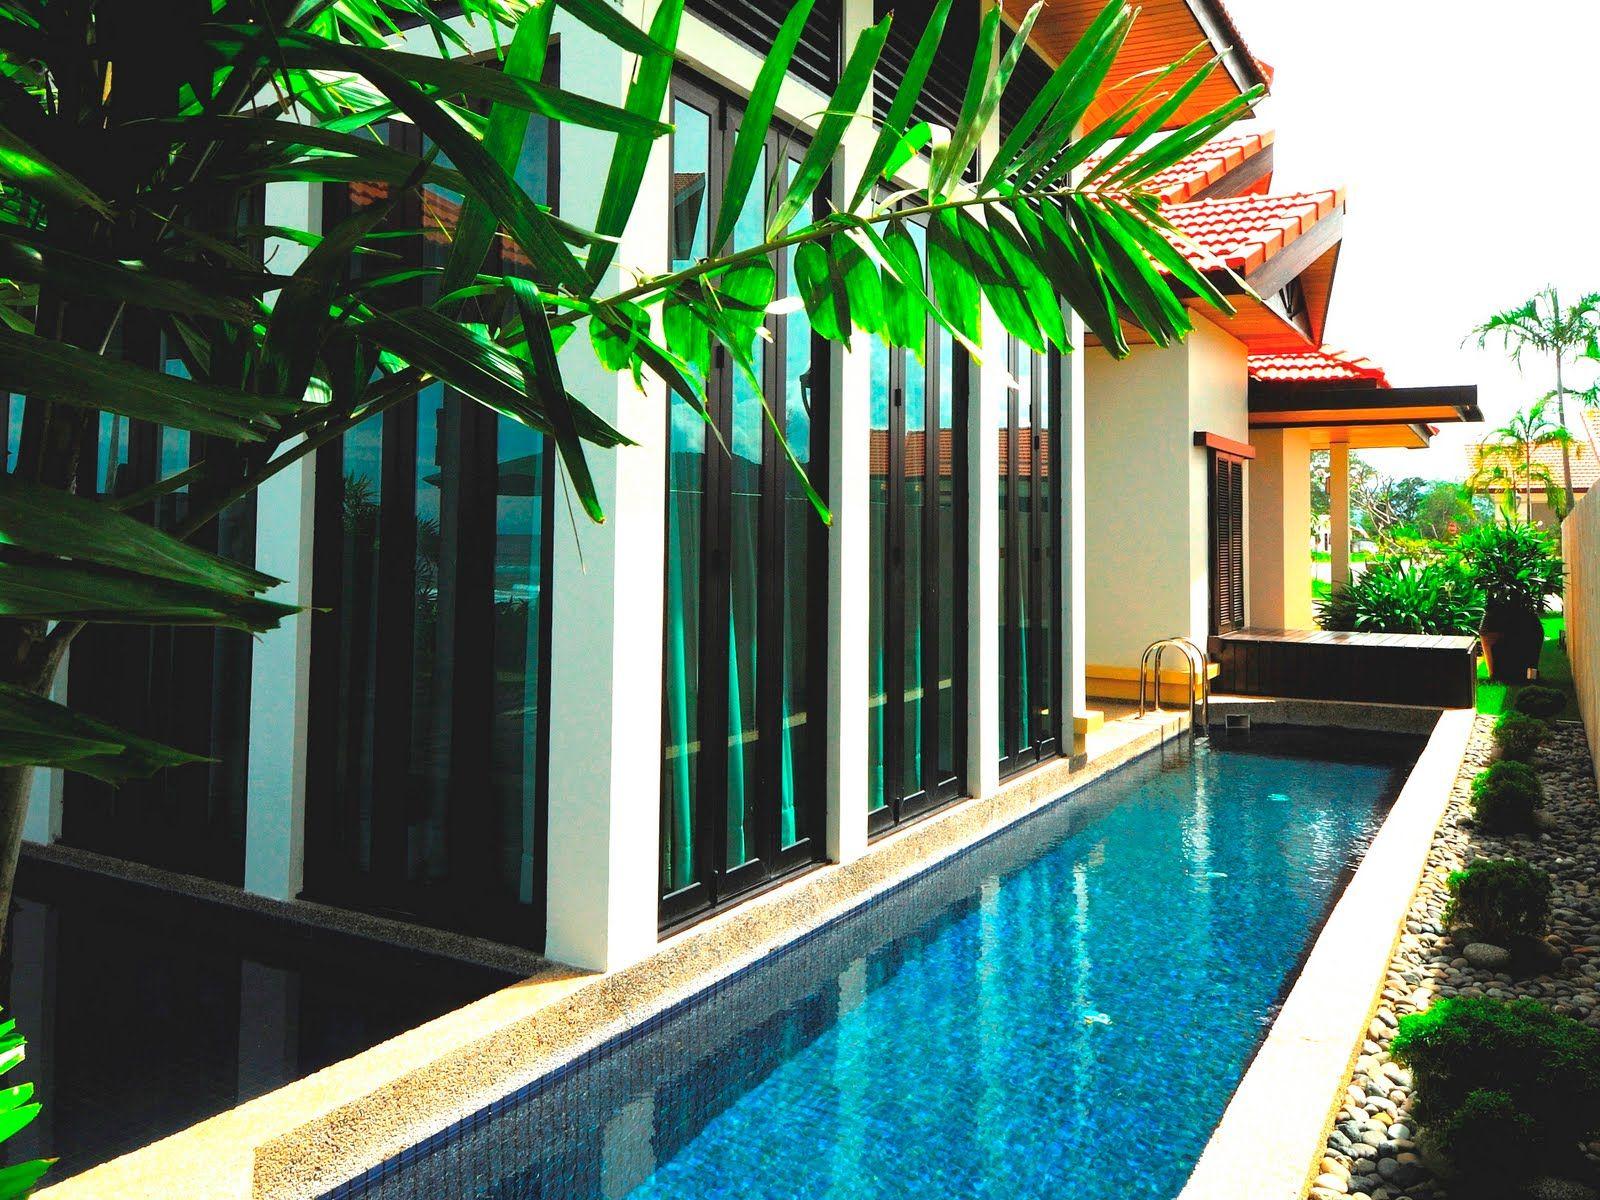 Lap Pool Villa Google Search Pool Lap Pool Backyard